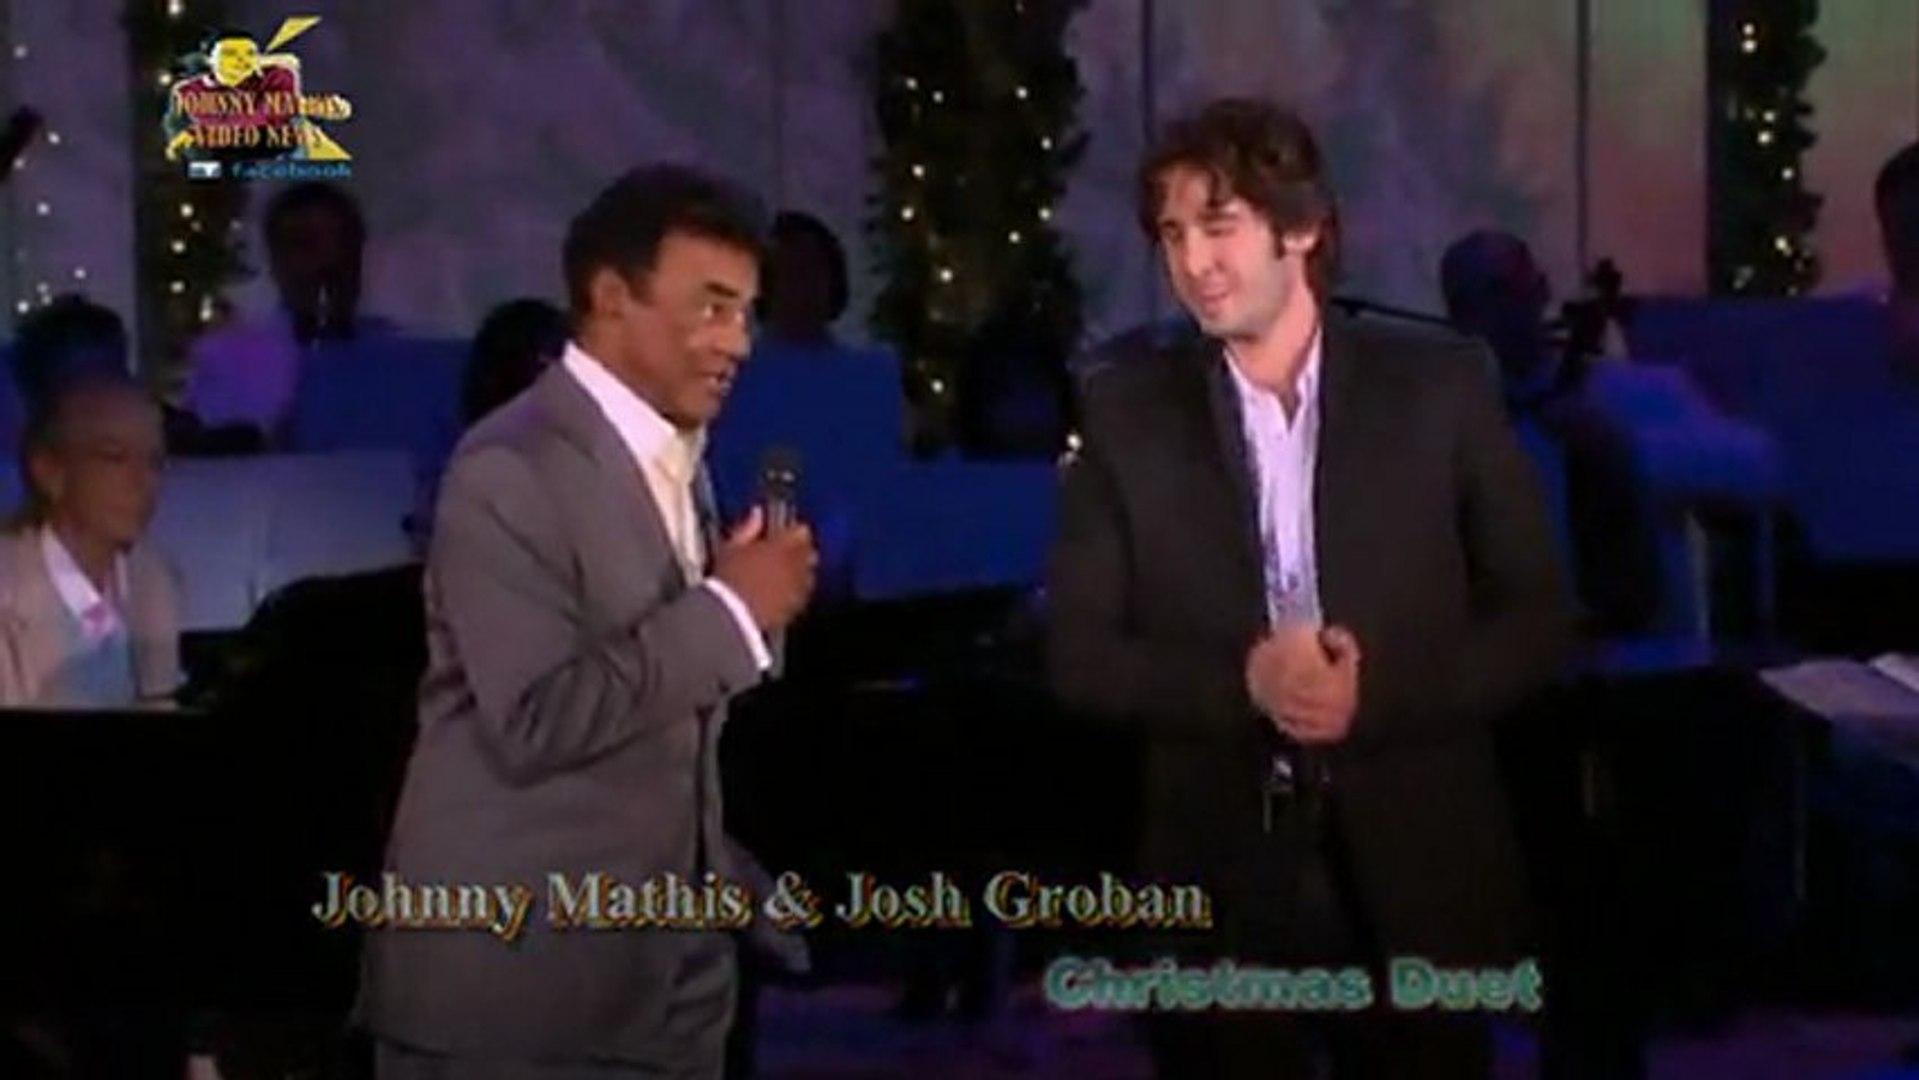 Josh Groban Christmas.Johnny Mathis Josh Groban Christmas Duet